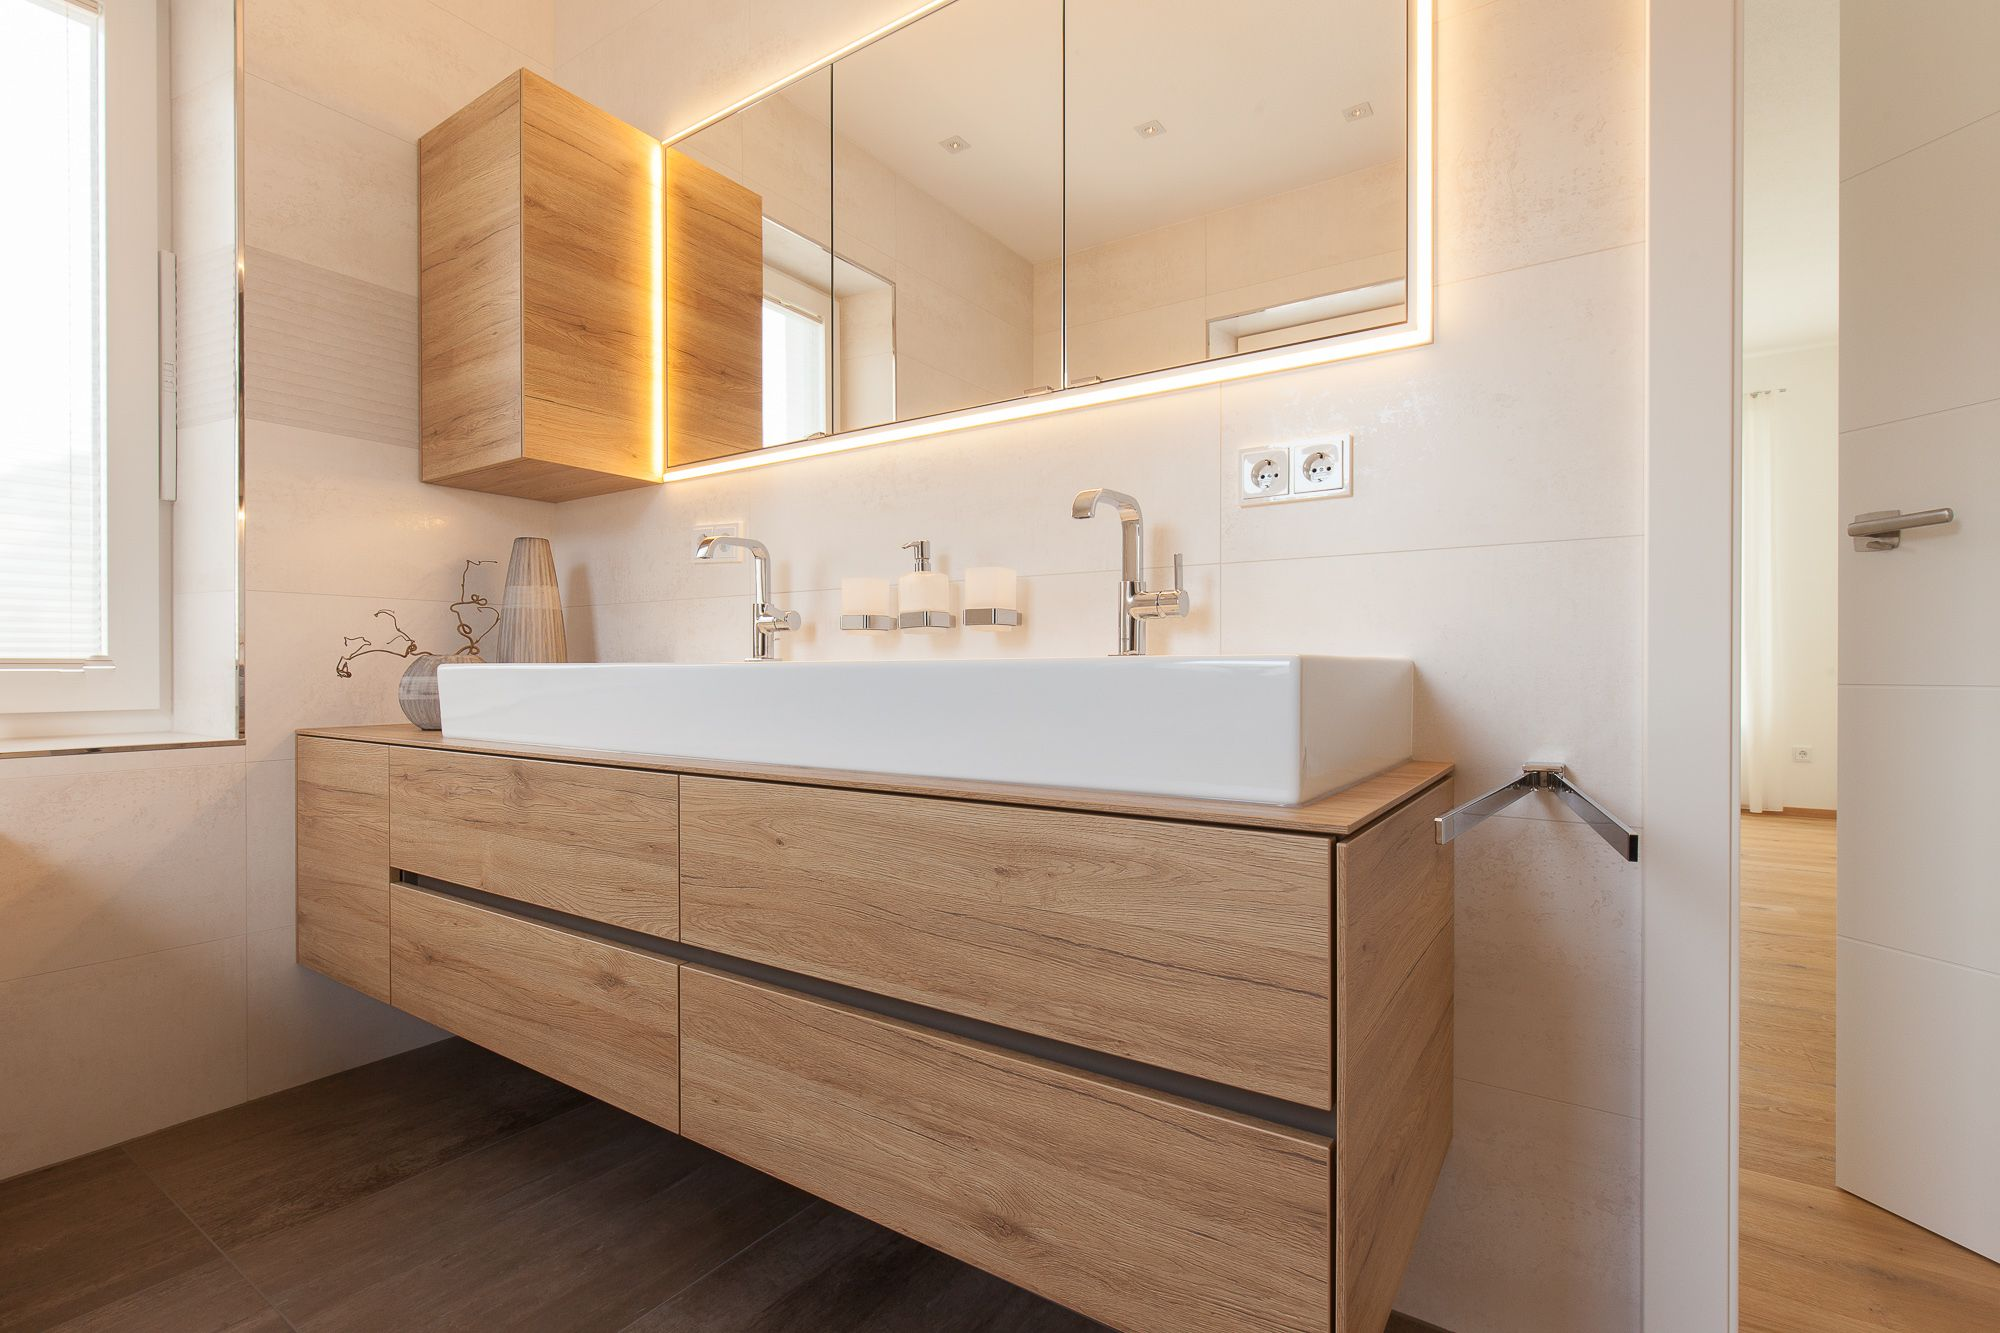 Badezimmer Natur ~ Standfest wohnen im bad natur im bad badezimmer